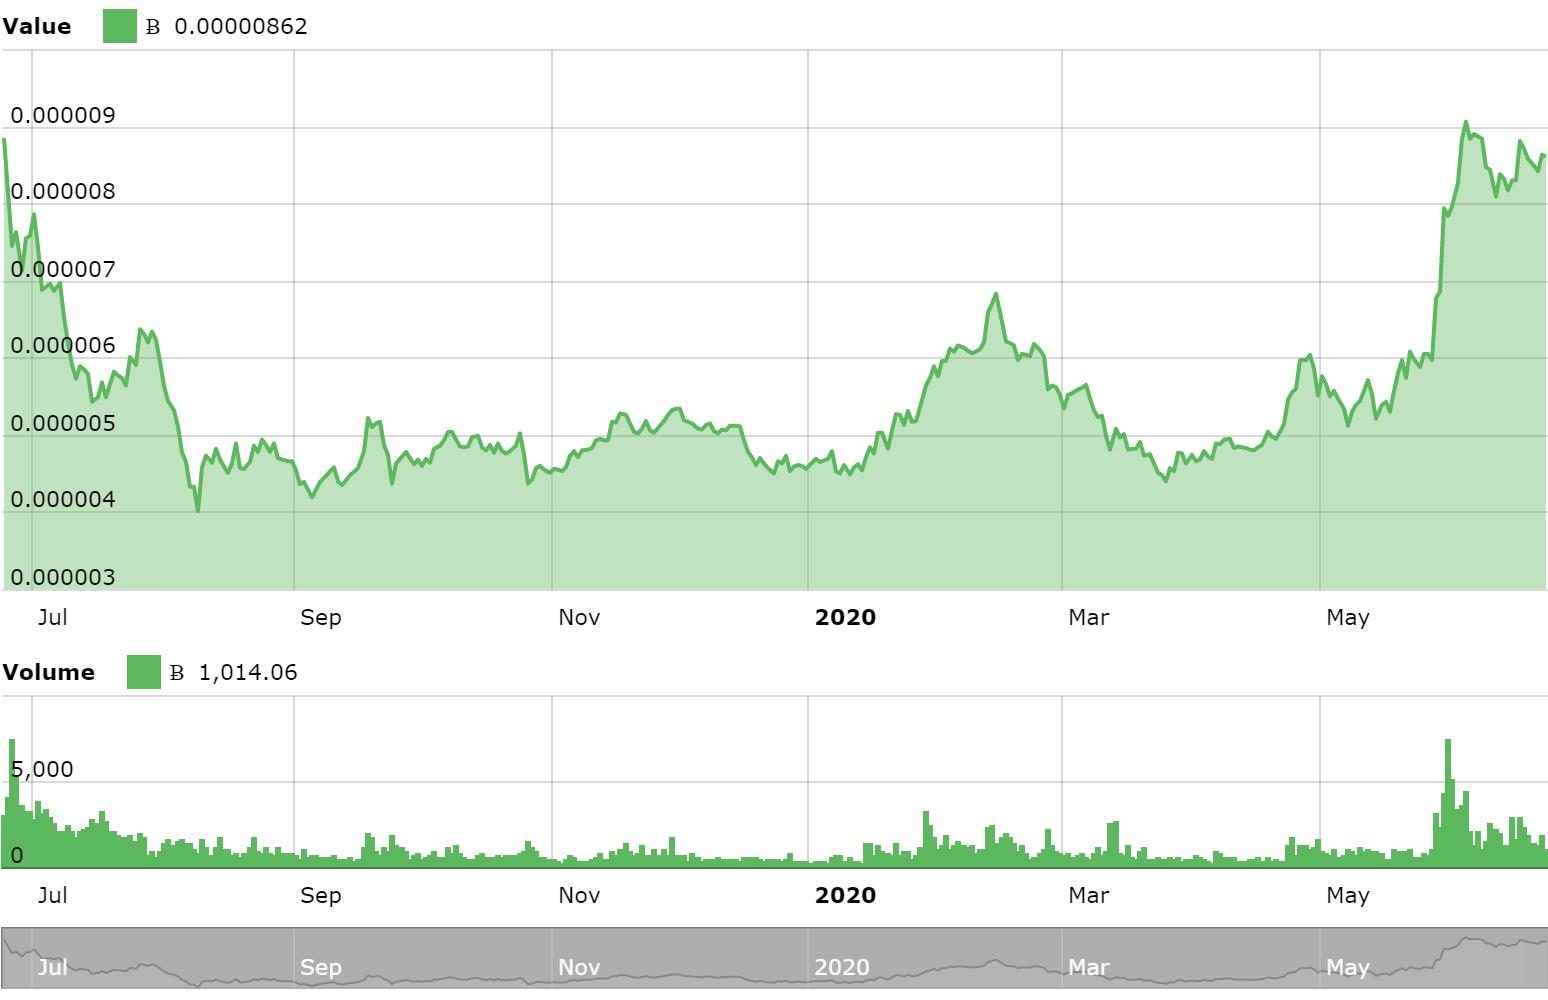 курс сardano в соотношении к биткоину